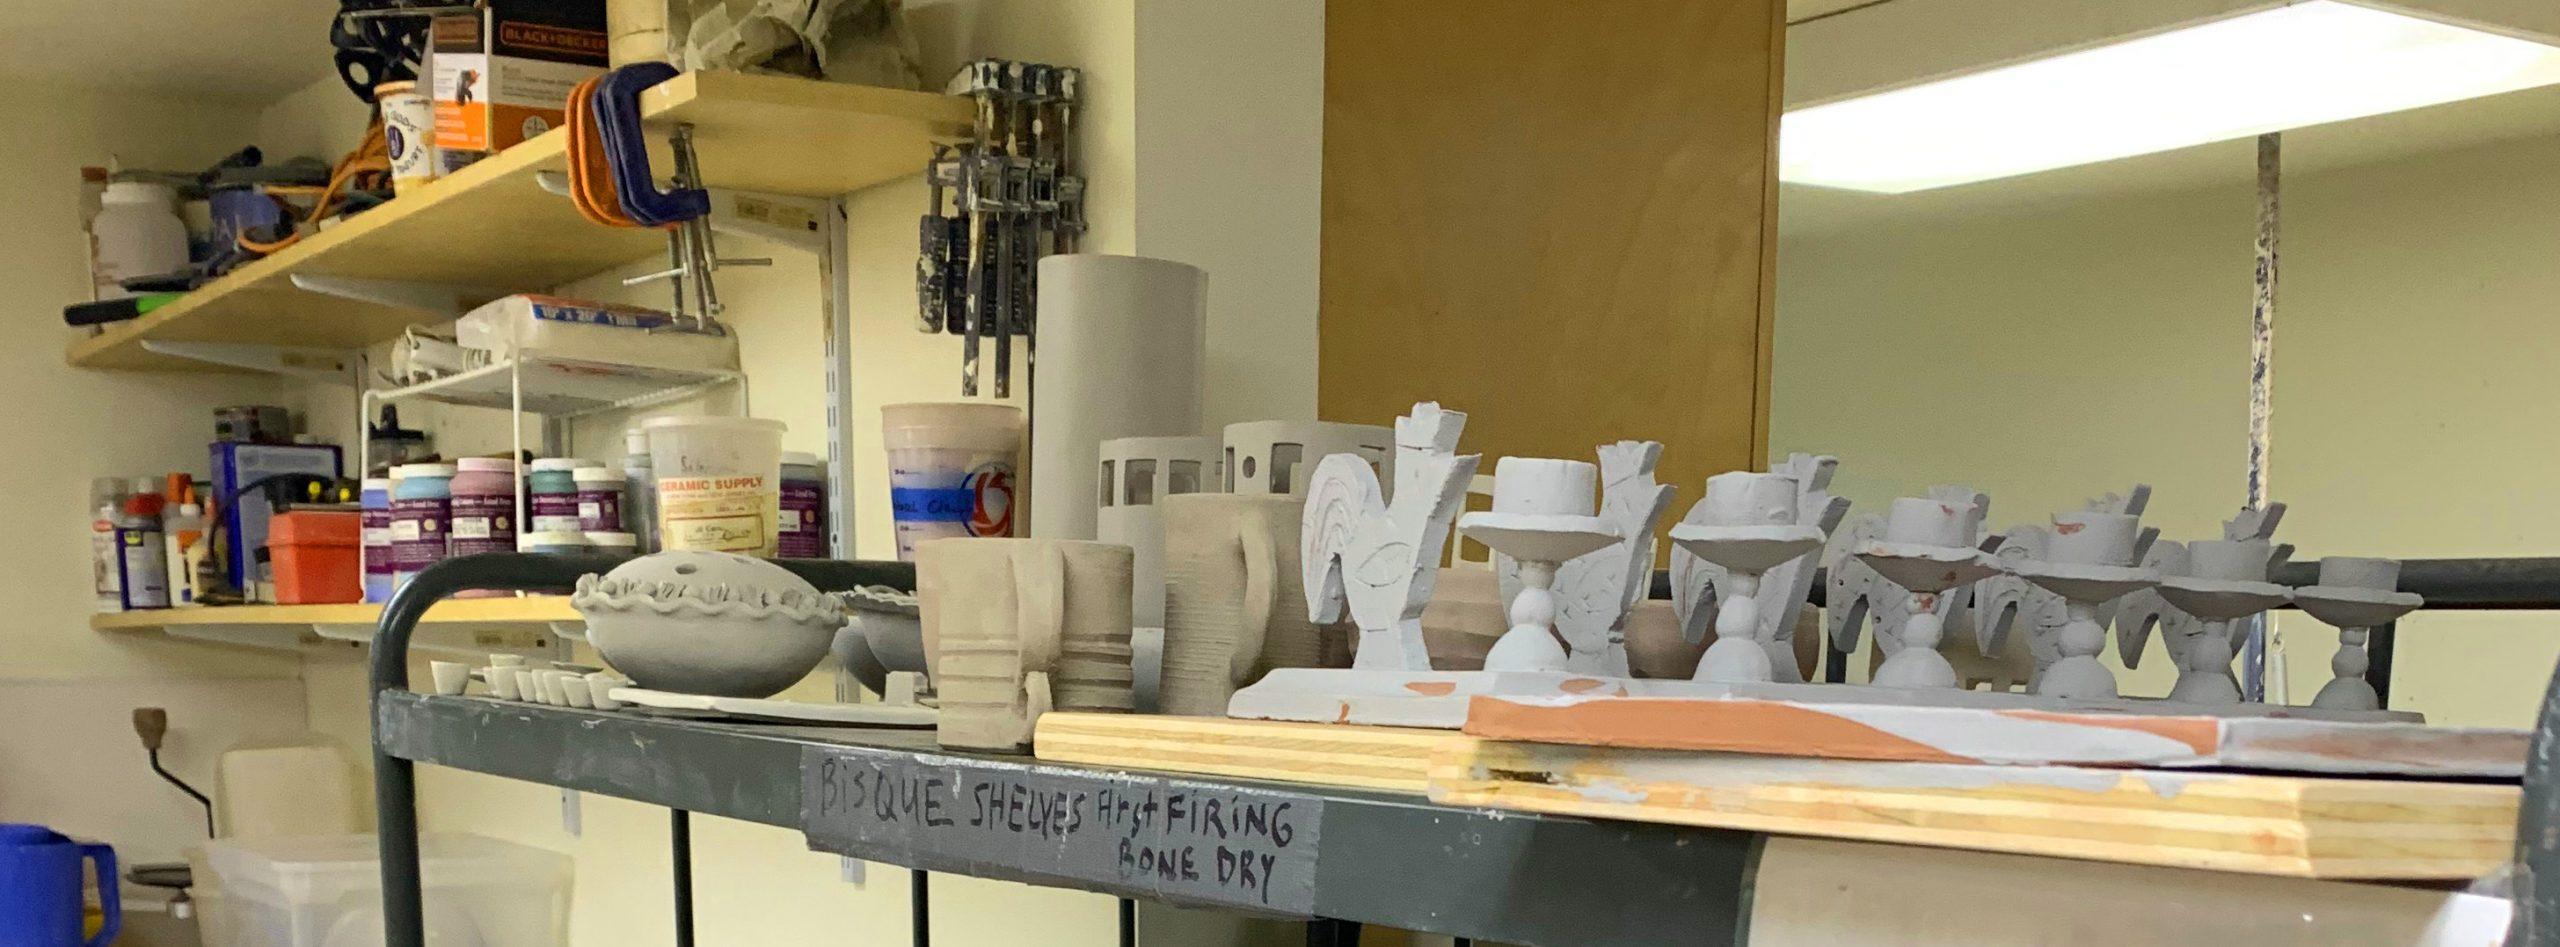 Ceramics shown on shelves in an art studio